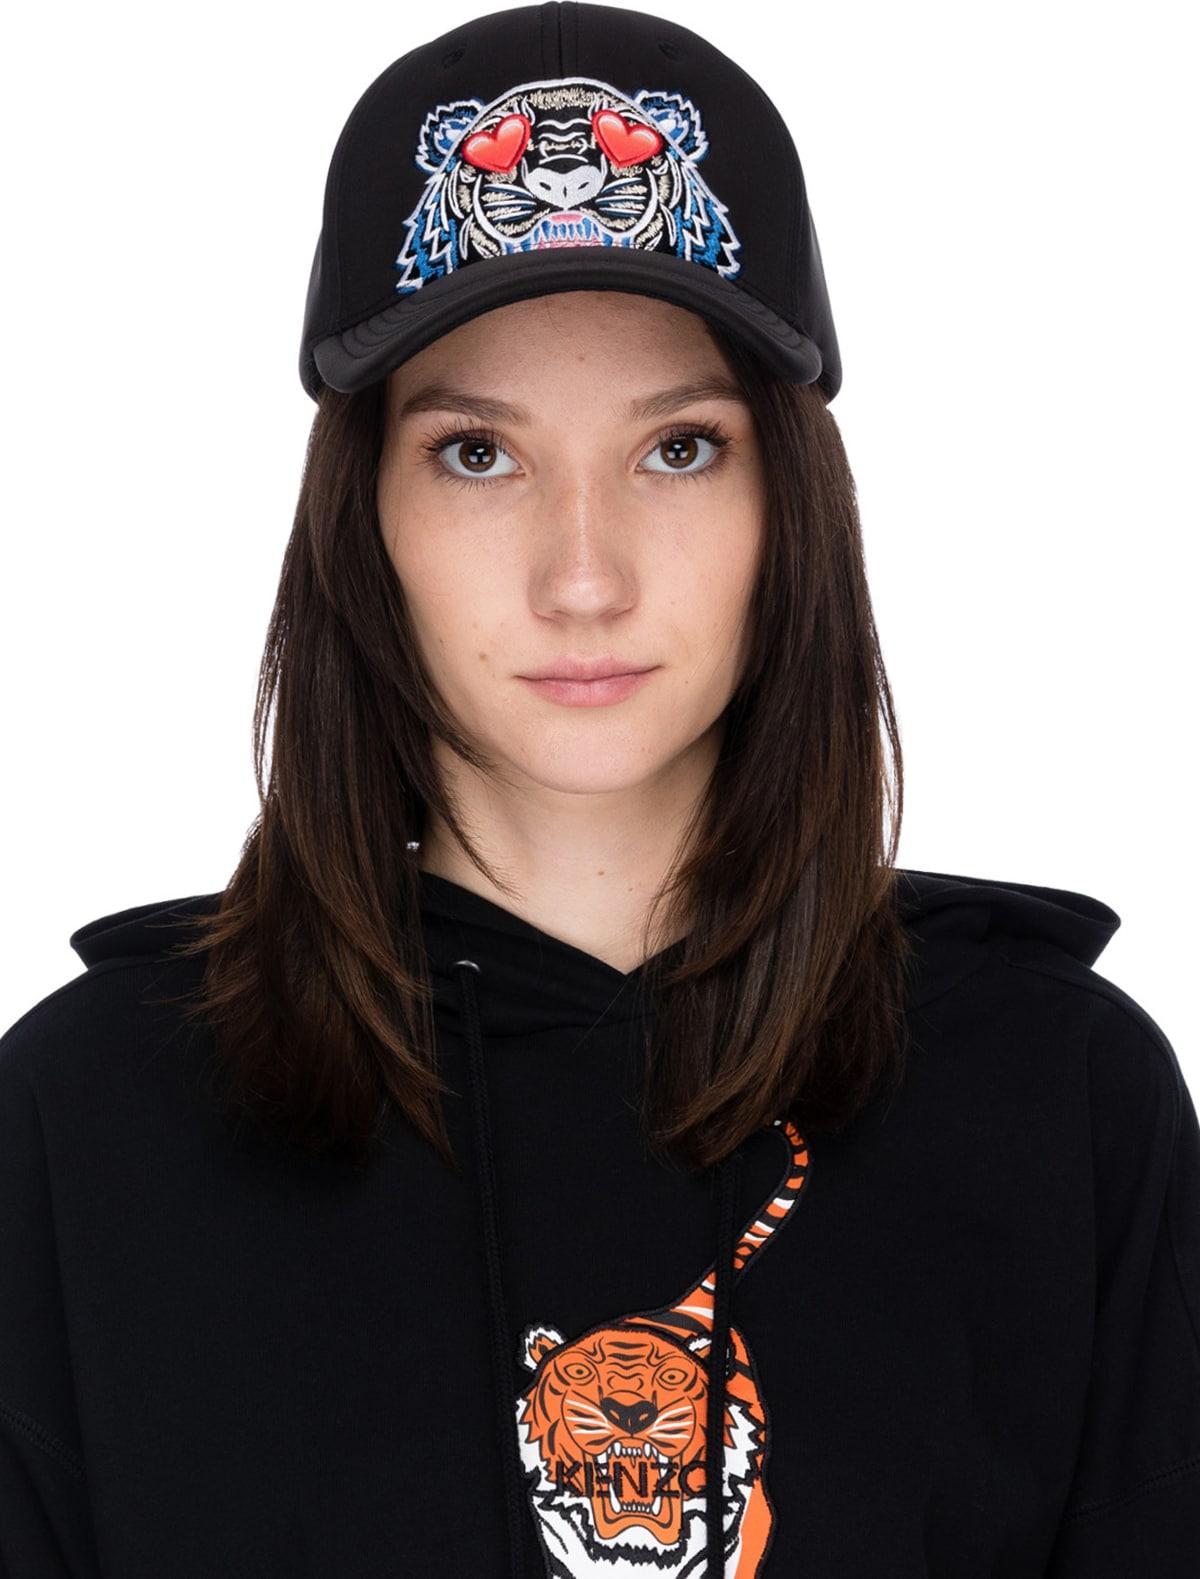 af85d526 Kenzo: Tiger Hearts Neoprene Cap - Black | Influence U